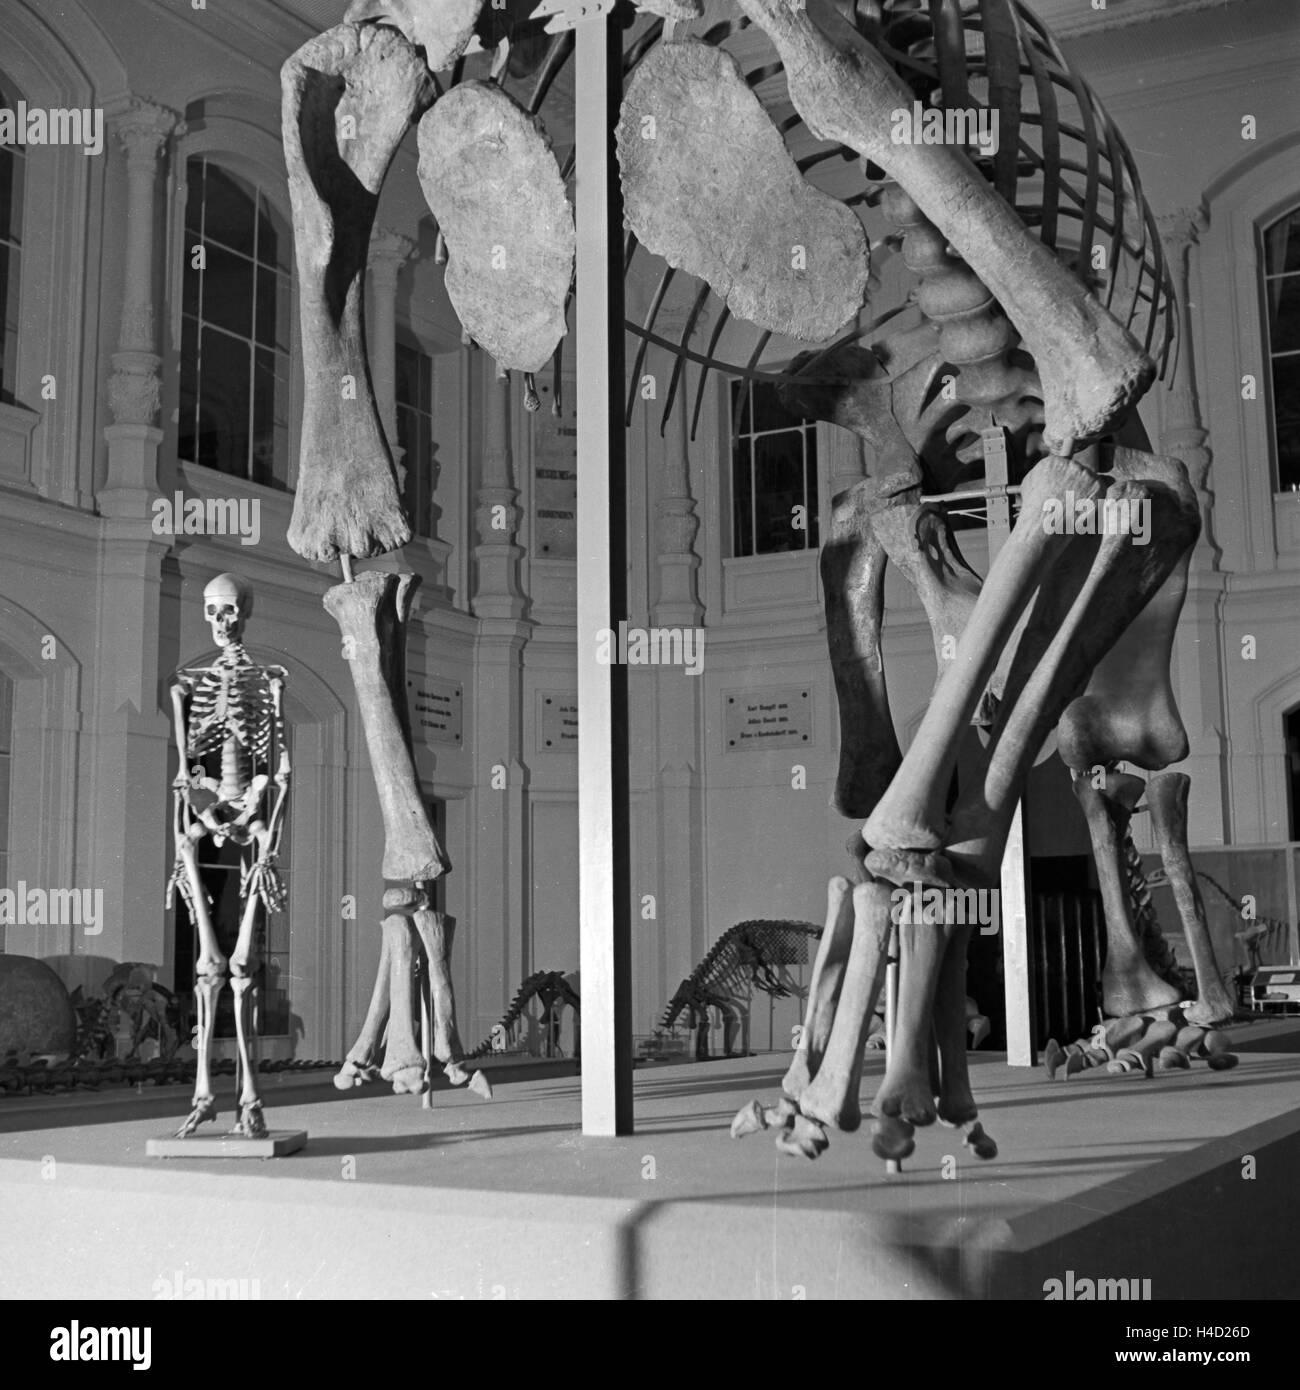 Ein menschliches Skelett im Größenvergleich zum Brachiosaurus brancai im Naturkunde Museum Berlin, Deutschland - Stock Image